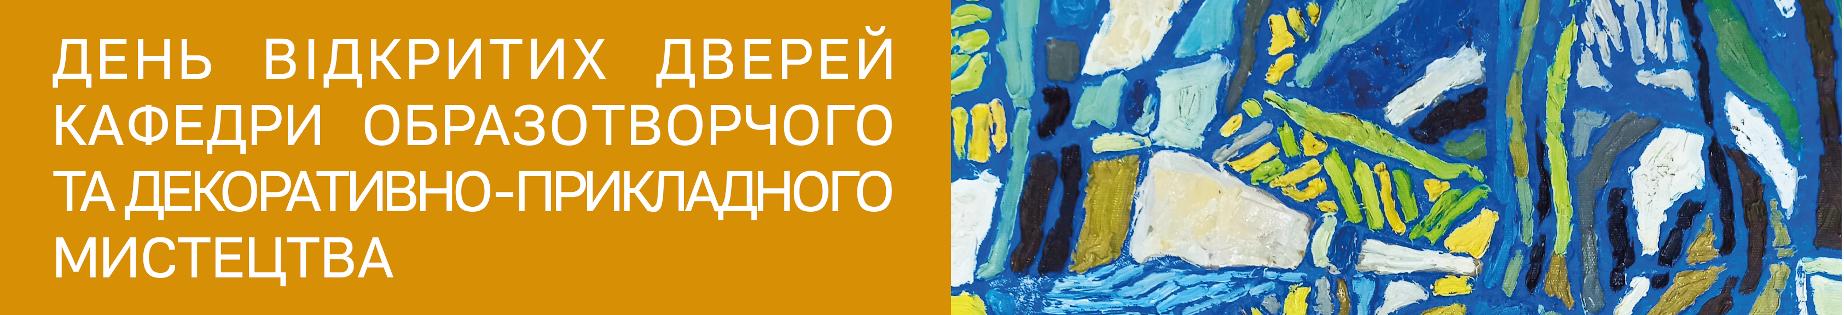 День відкритих дверей кафедри образотворчого та декоративно-прикладного мистецтва, ЧНУ ім. Б. Хмельницького 25 березня 2021 року